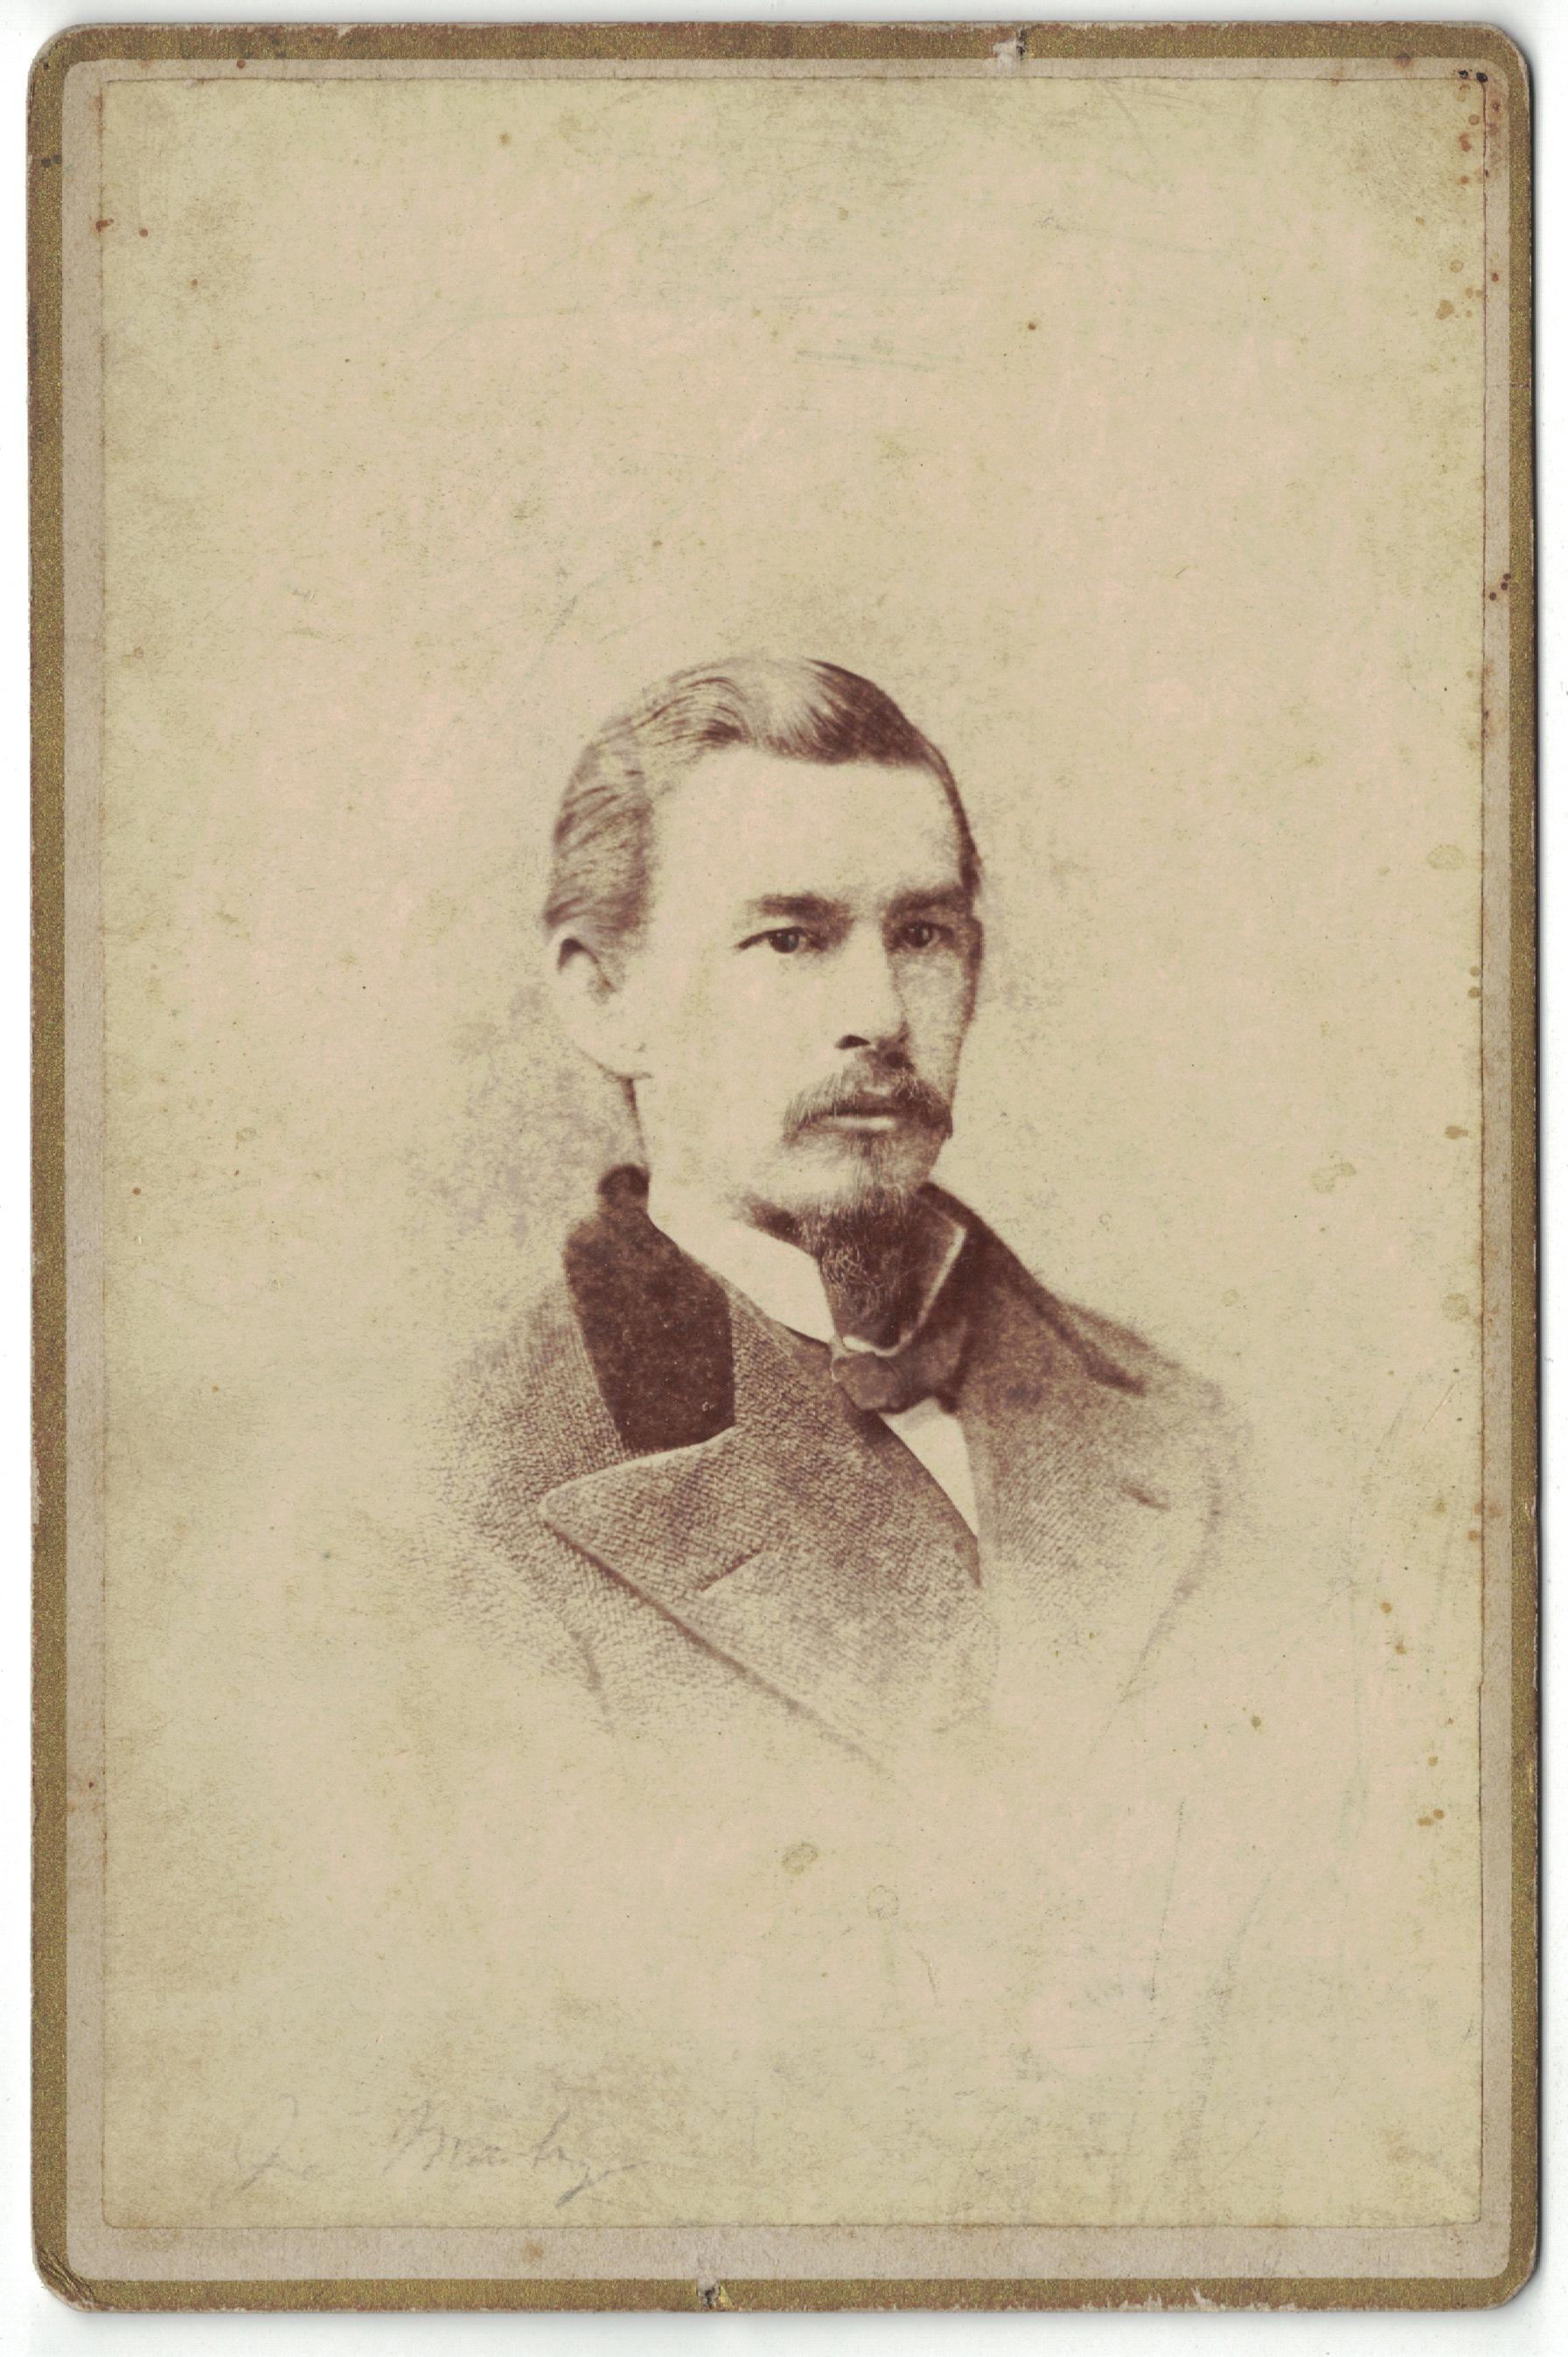 Joseph A. Mabry III